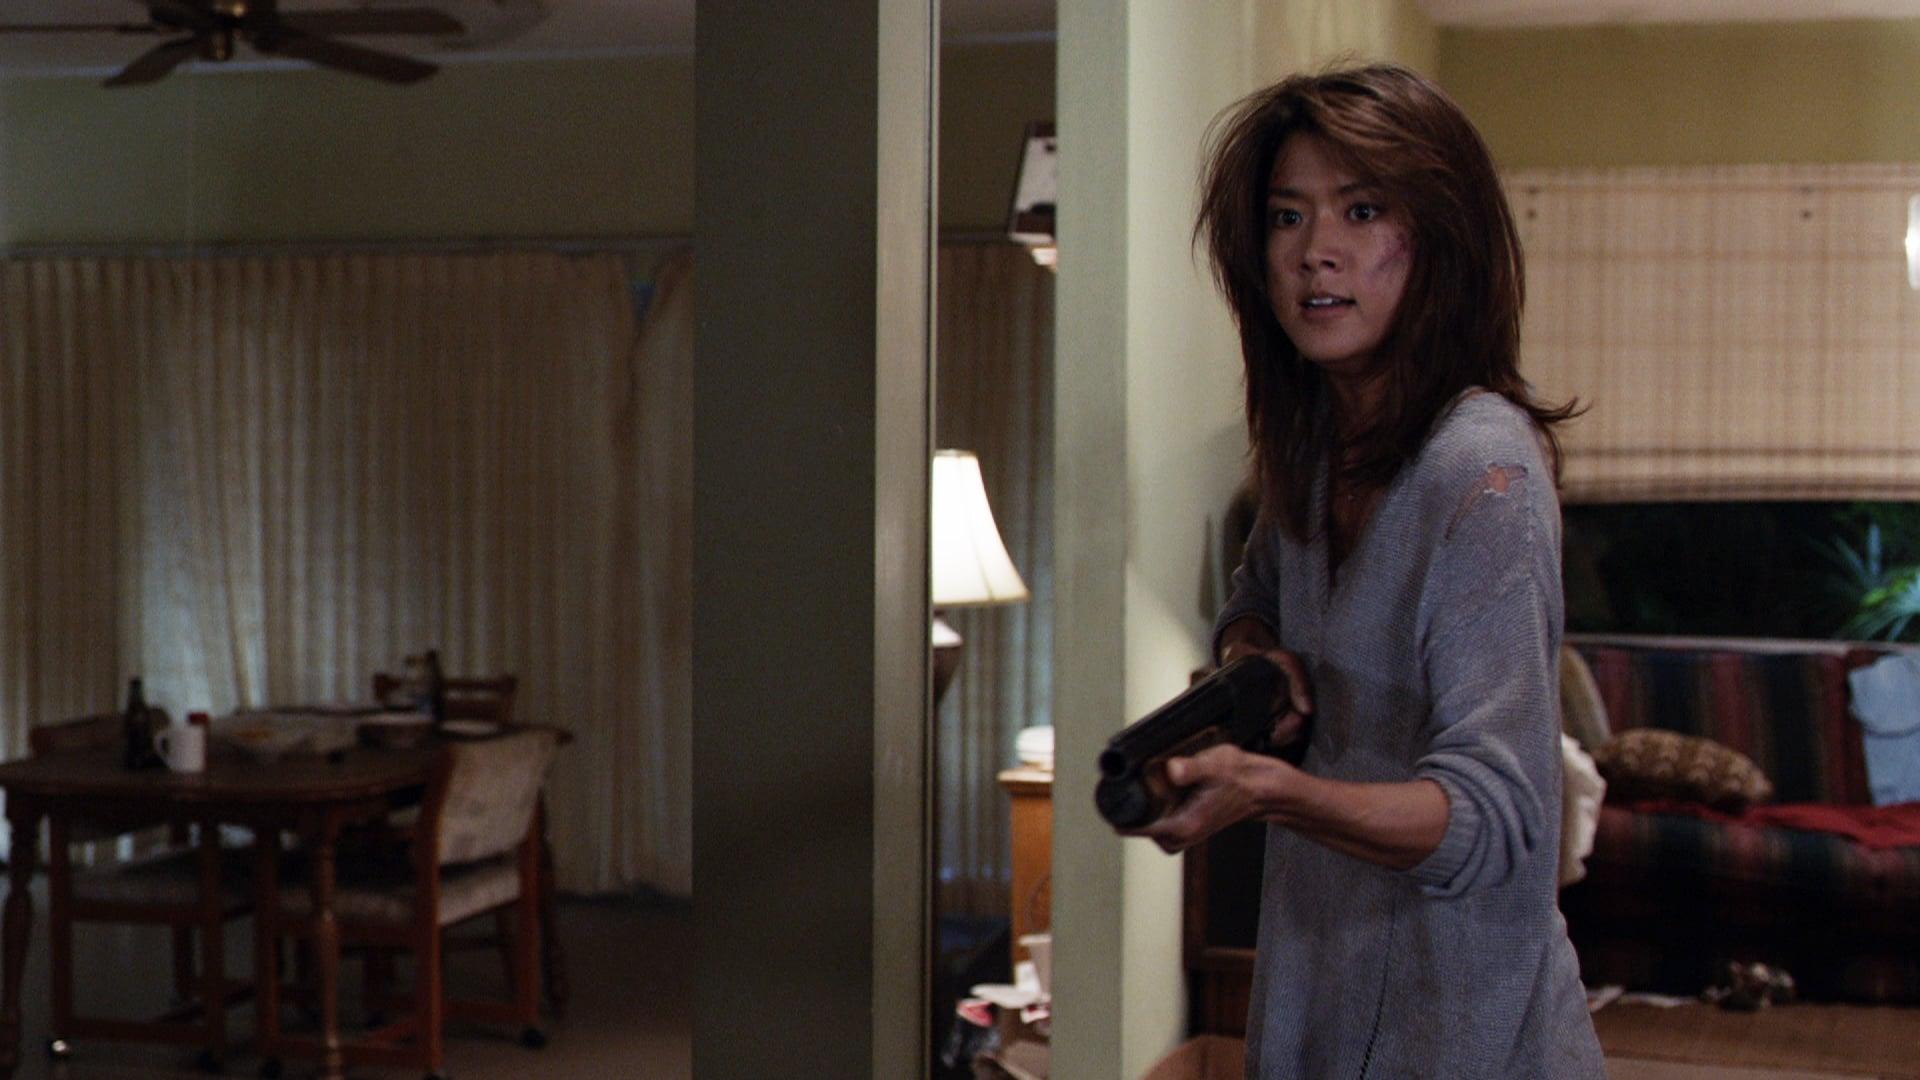 Hawaii Five-0 - Season 7 Episode 6 : Ka hale ho'okauweli (House of Horrors)